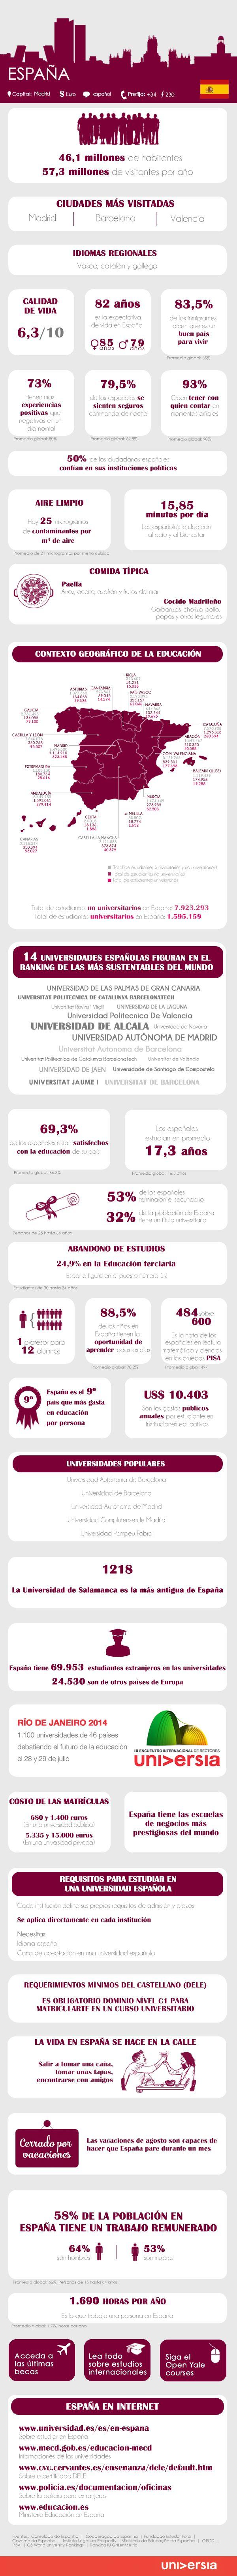 Infografia: 30 cosas a saber sobre España antes de instalarte a trabajar o estudiar